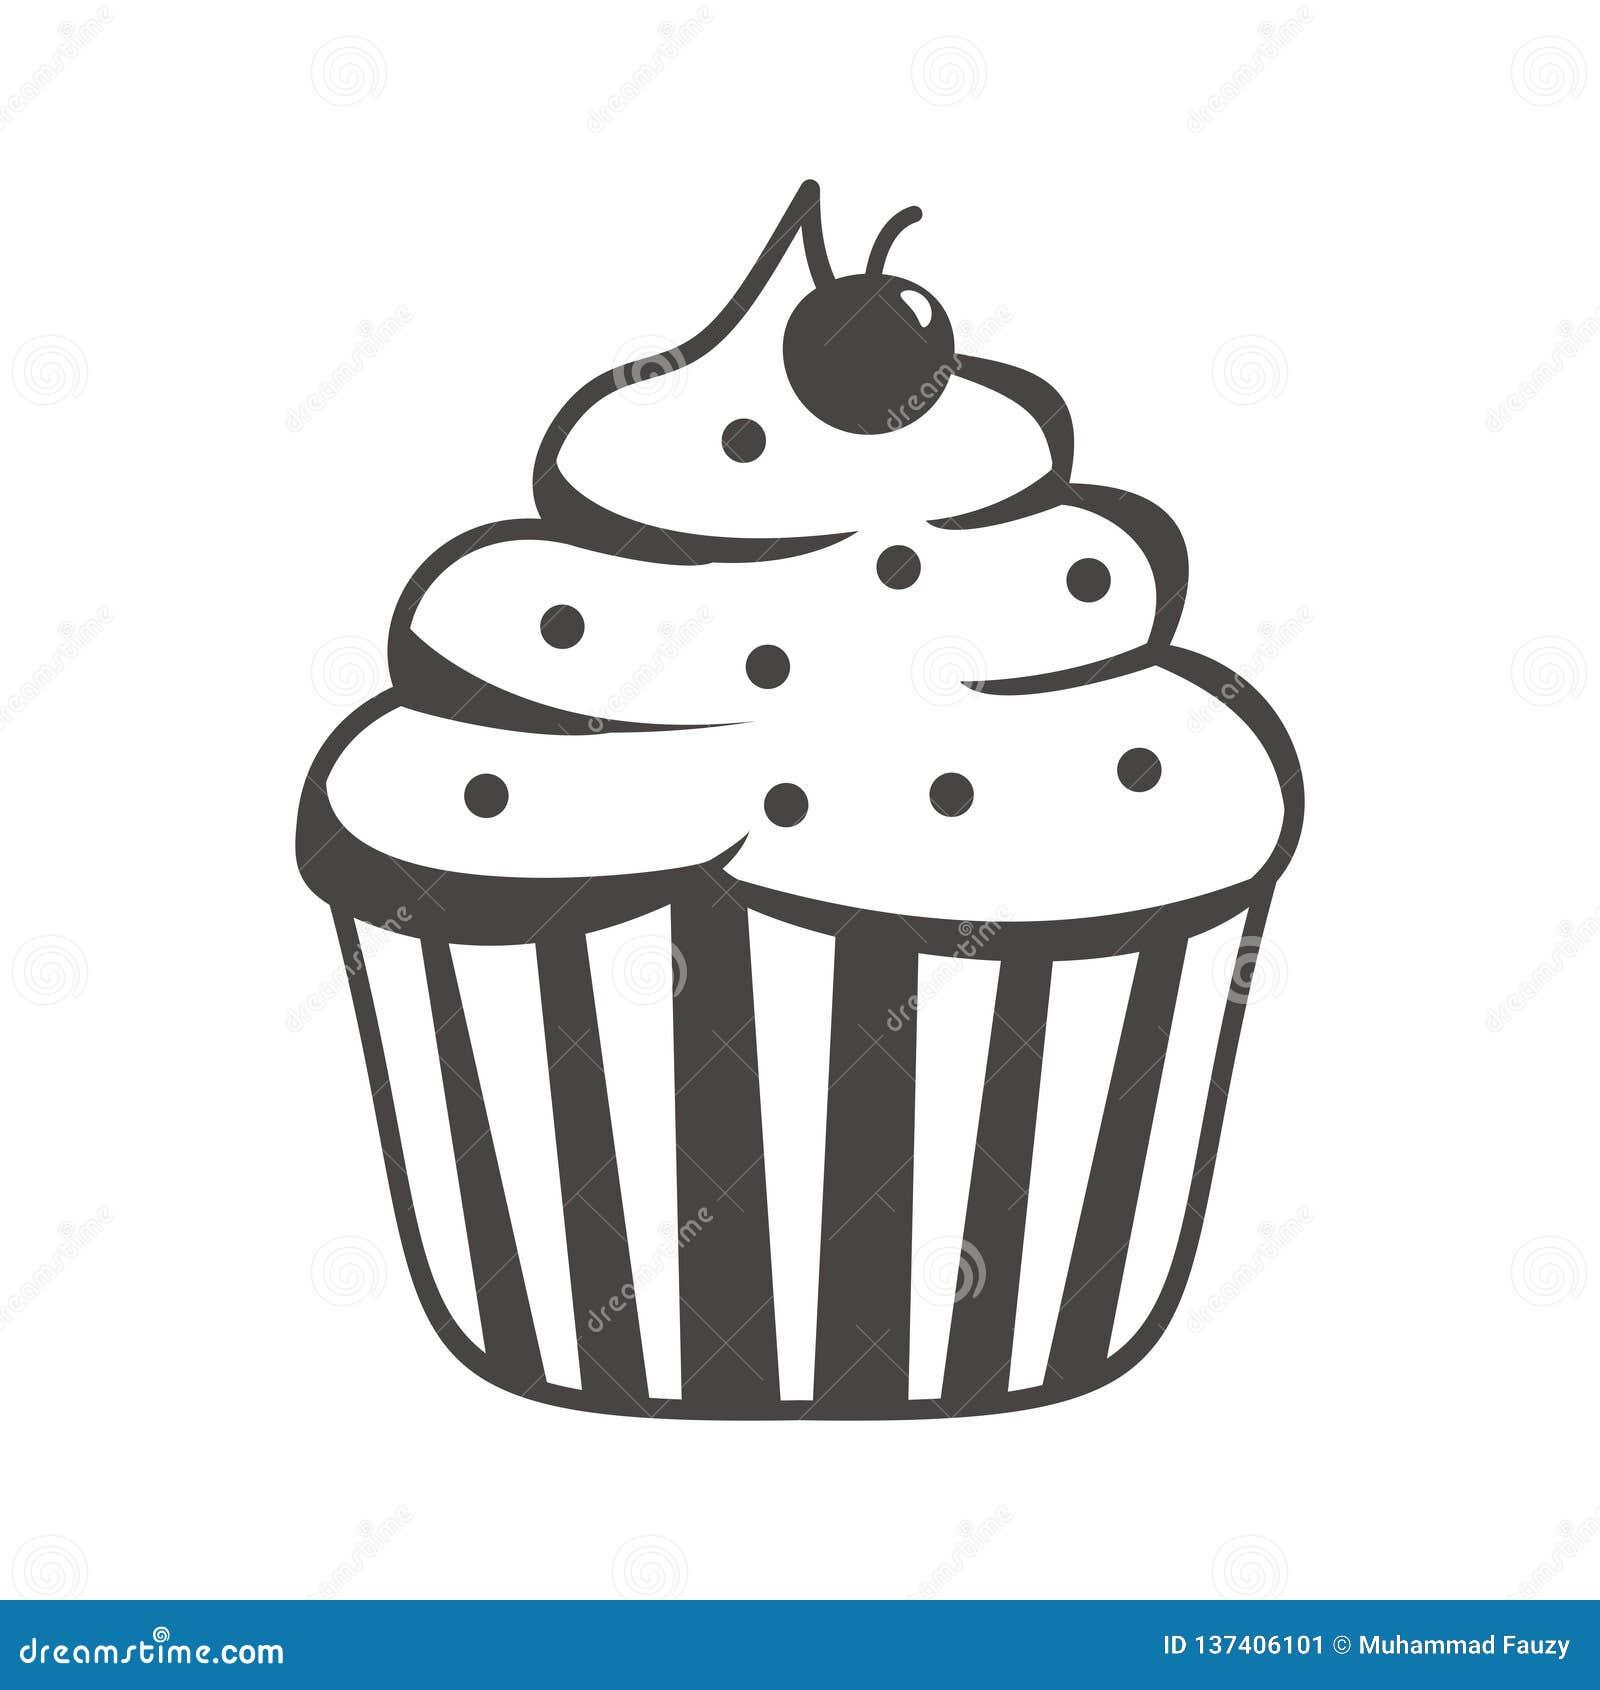 Karikaturillustration des kleinen Kuchens mit Schwarzweiss-Farbe